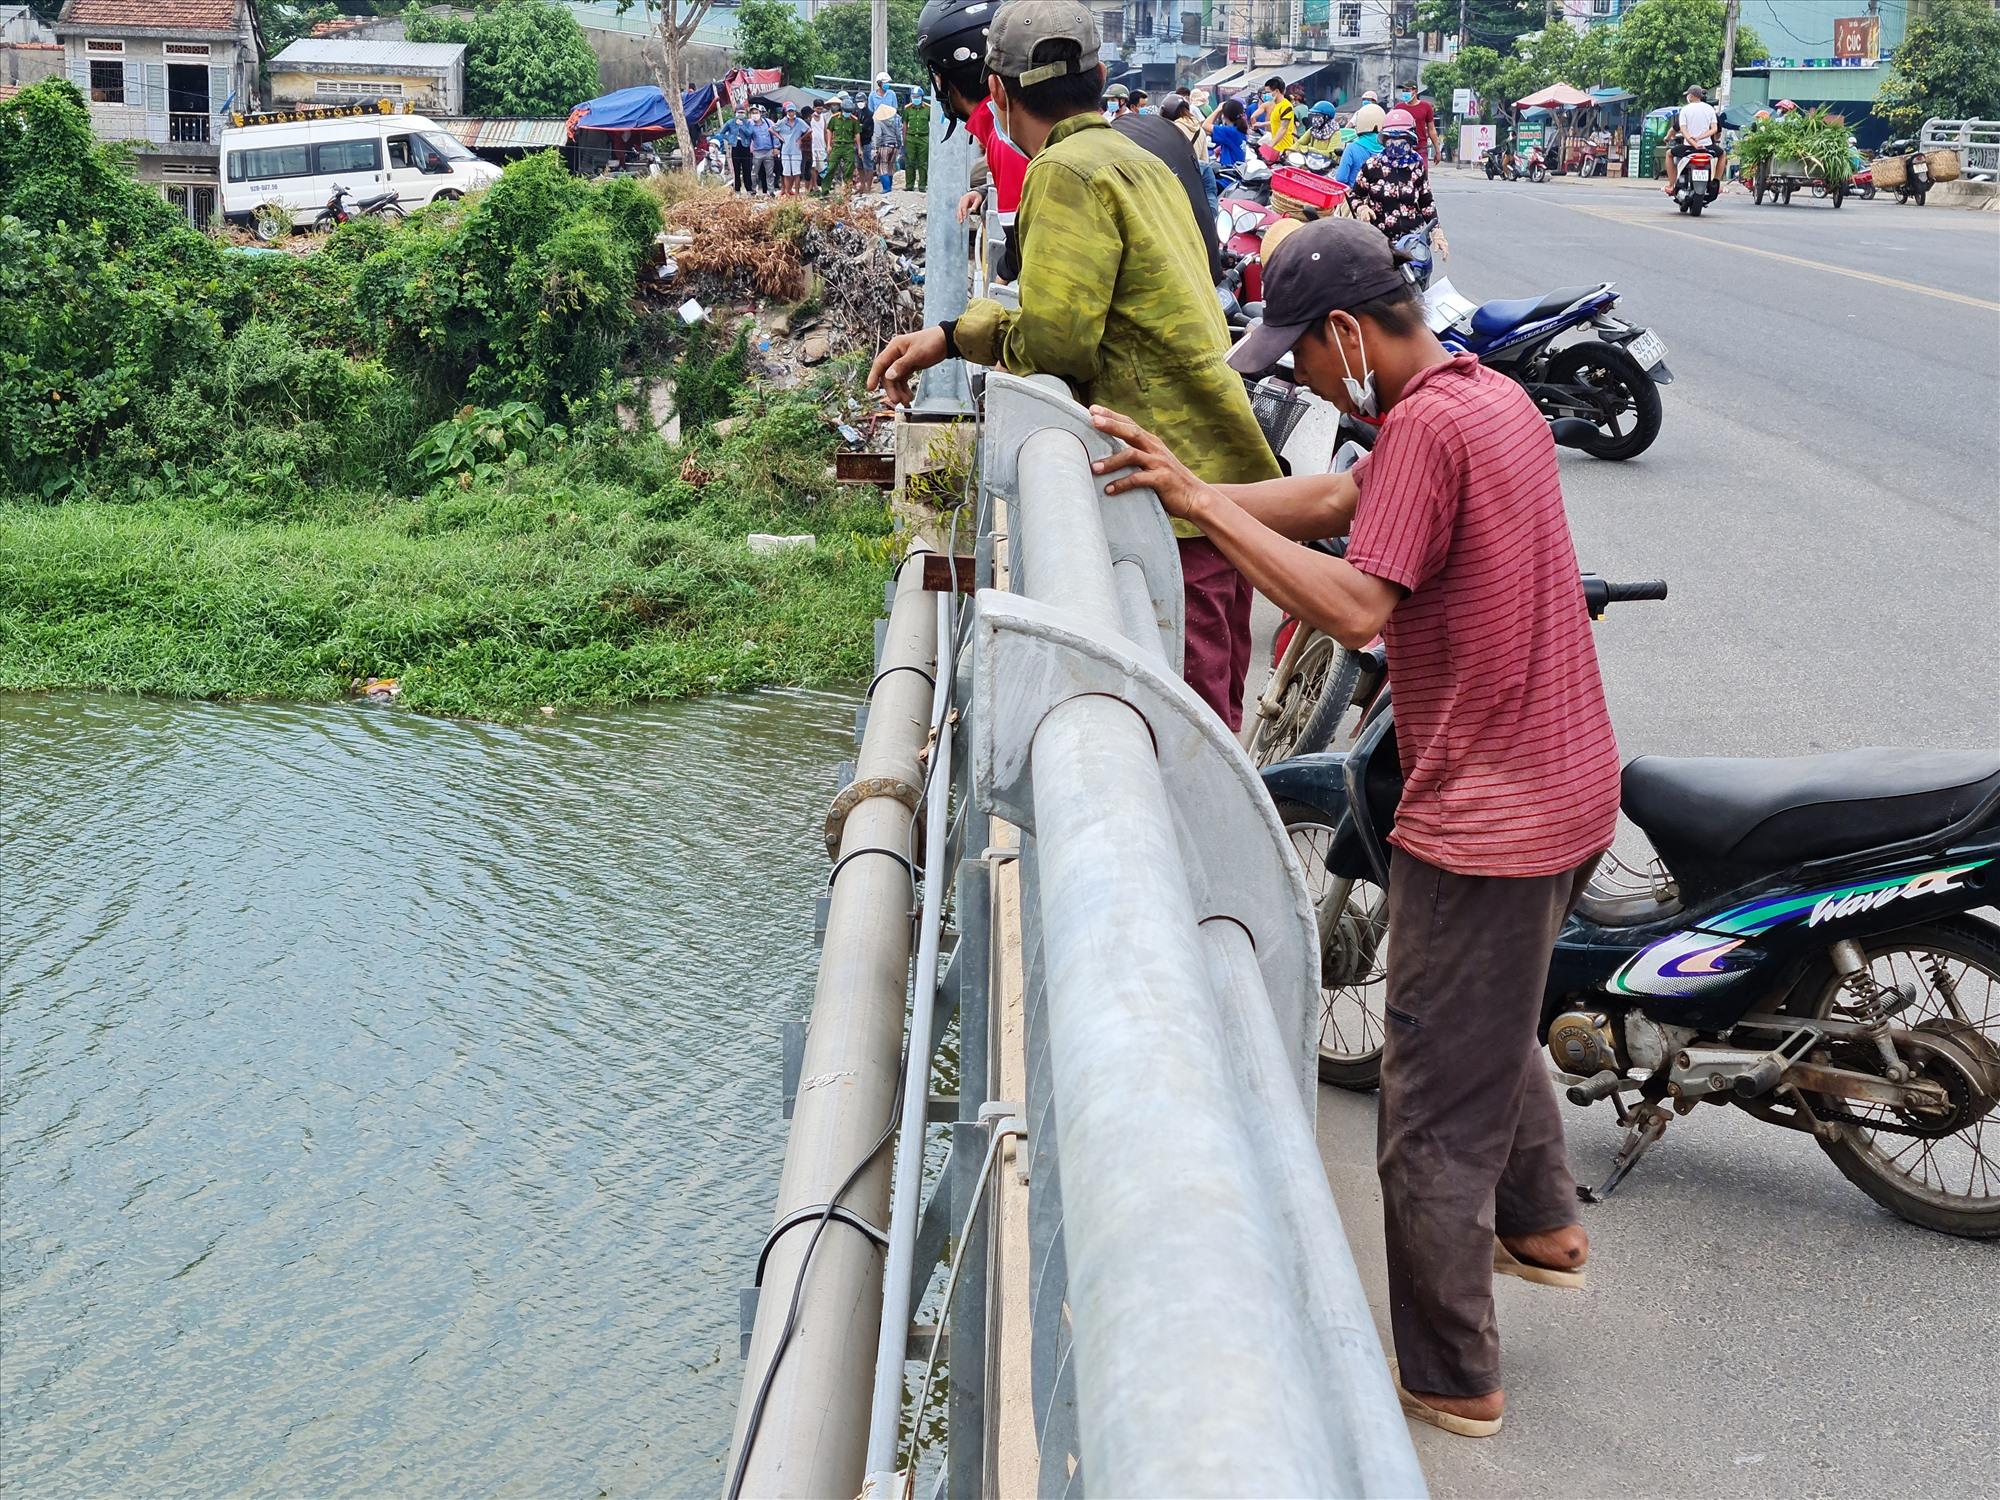 Khu vực cầu Một trên sông Bàn Thạch giáp ranh giữa phường An Phú và Phước Hòa, Tam Kỳ. Ảnh: T.N